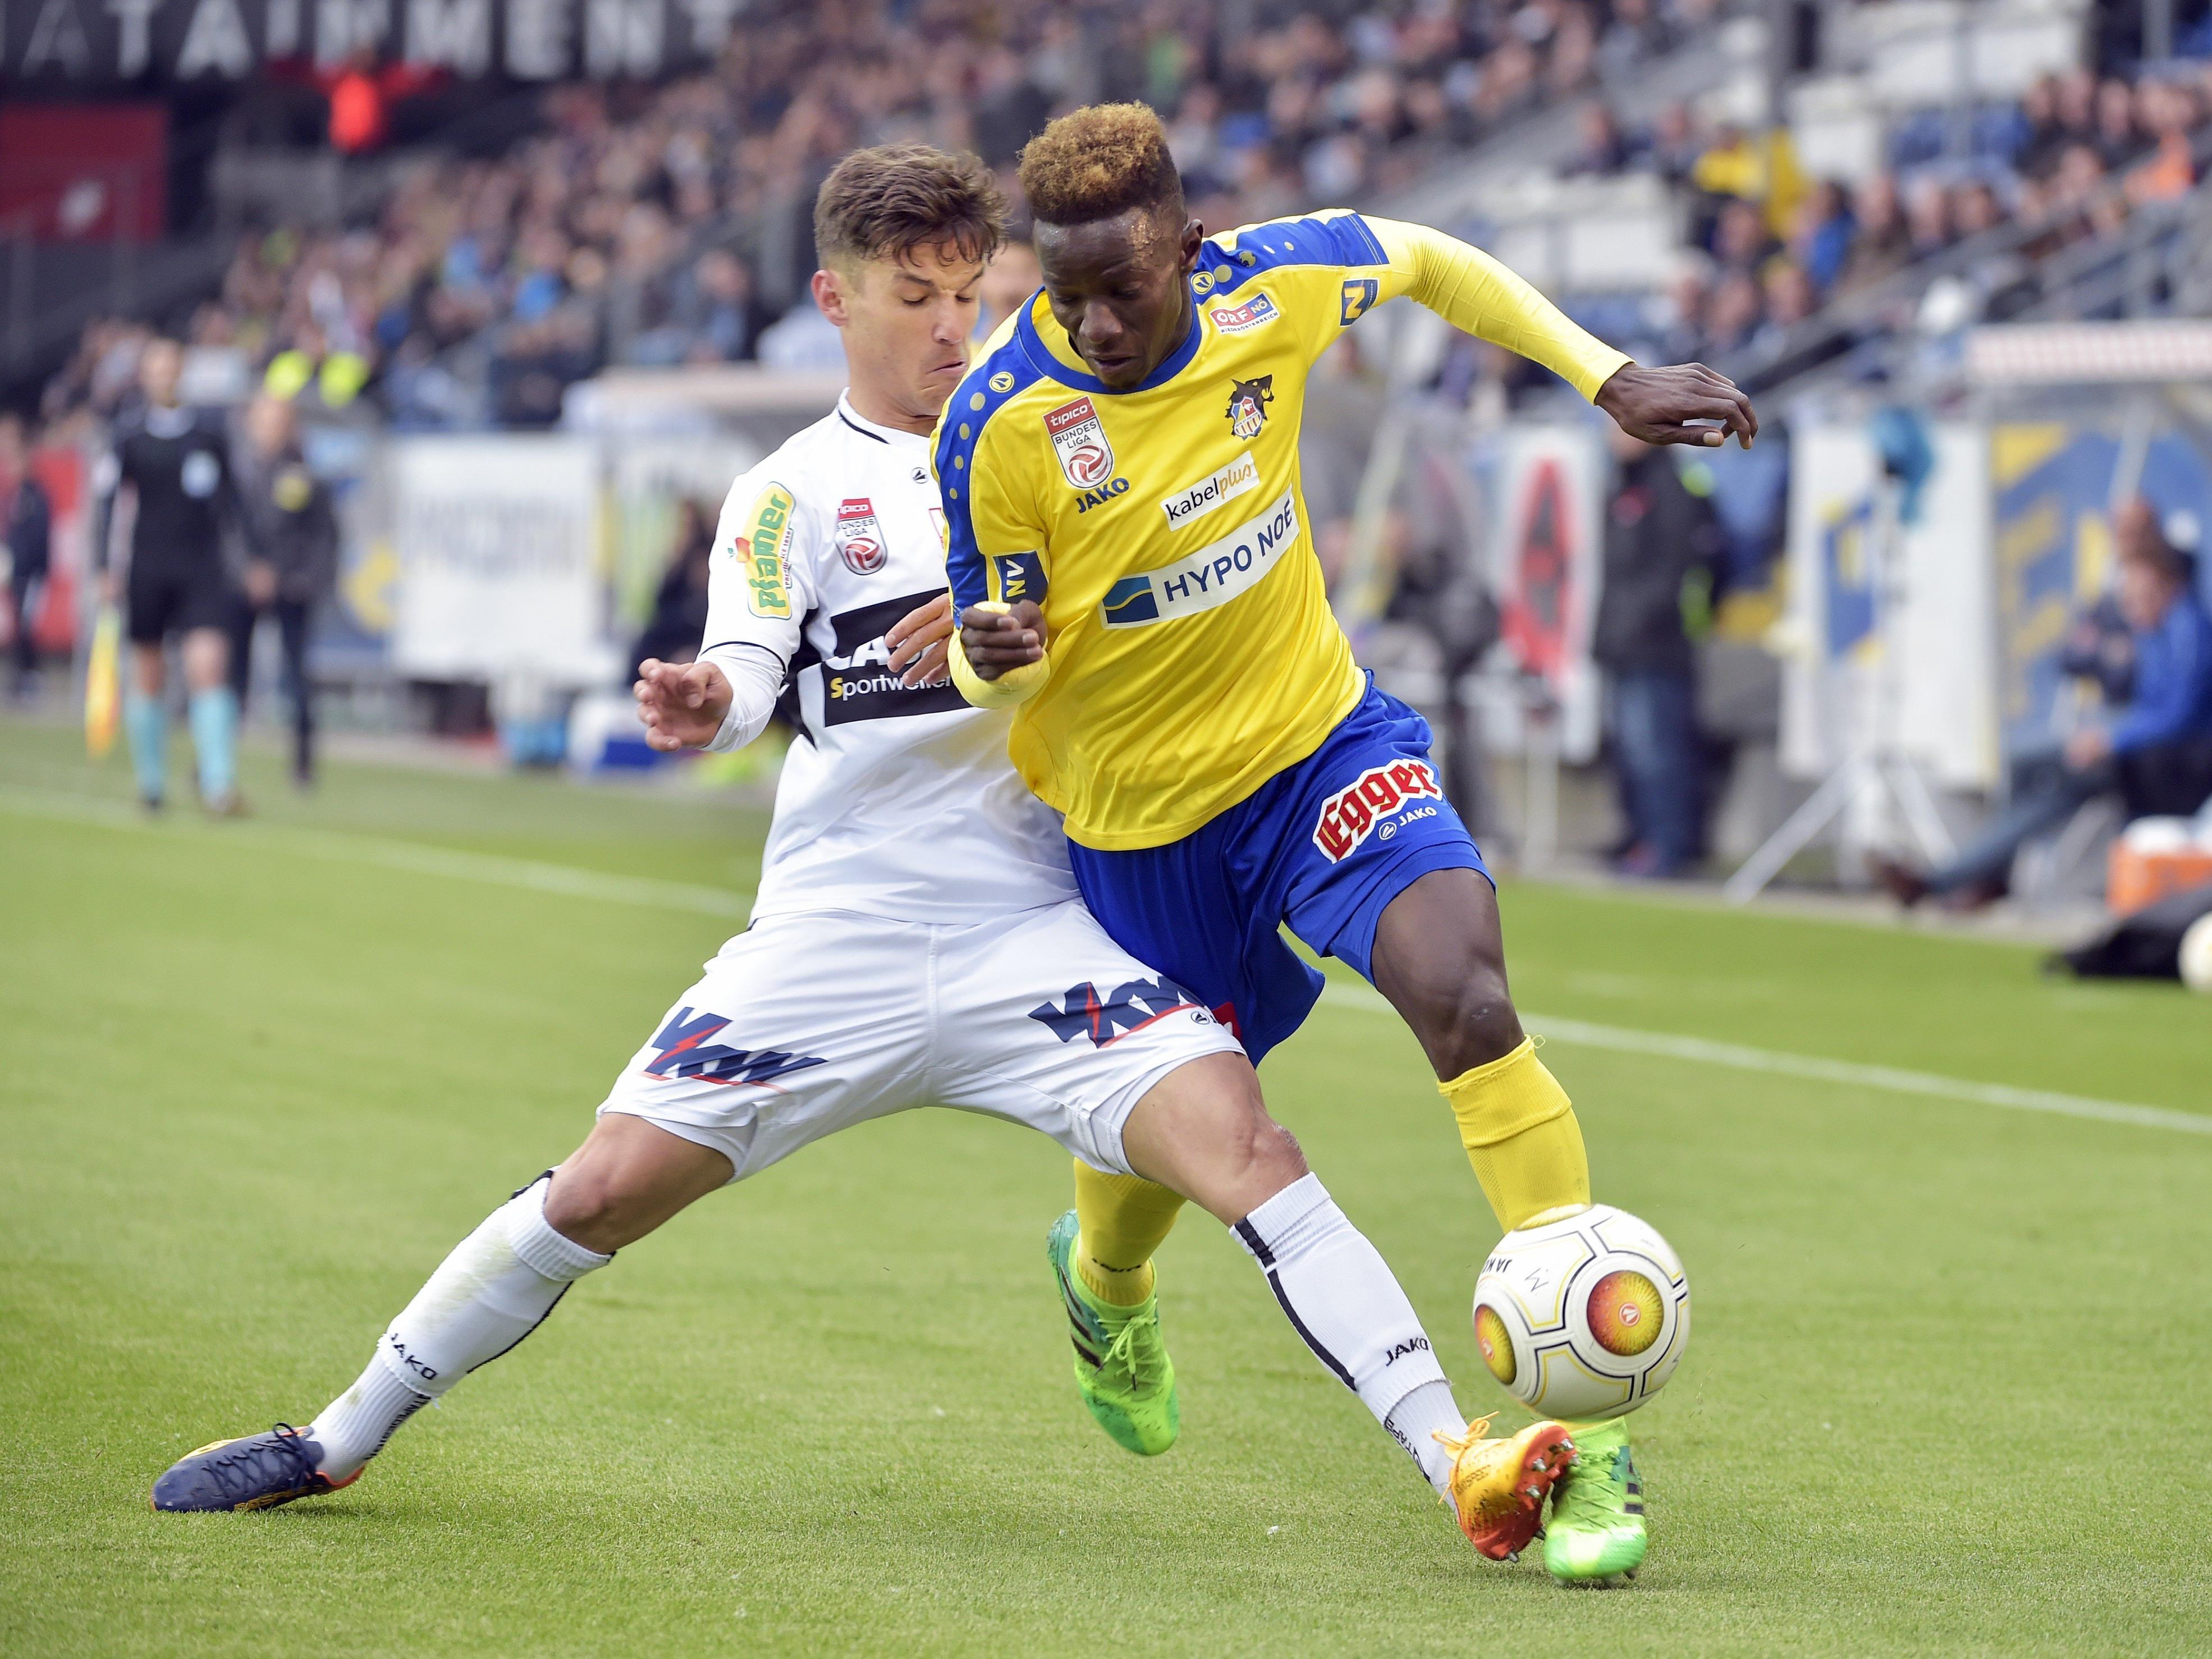 Unentschieden endete das Spiel Altach gegen St. Pölten.